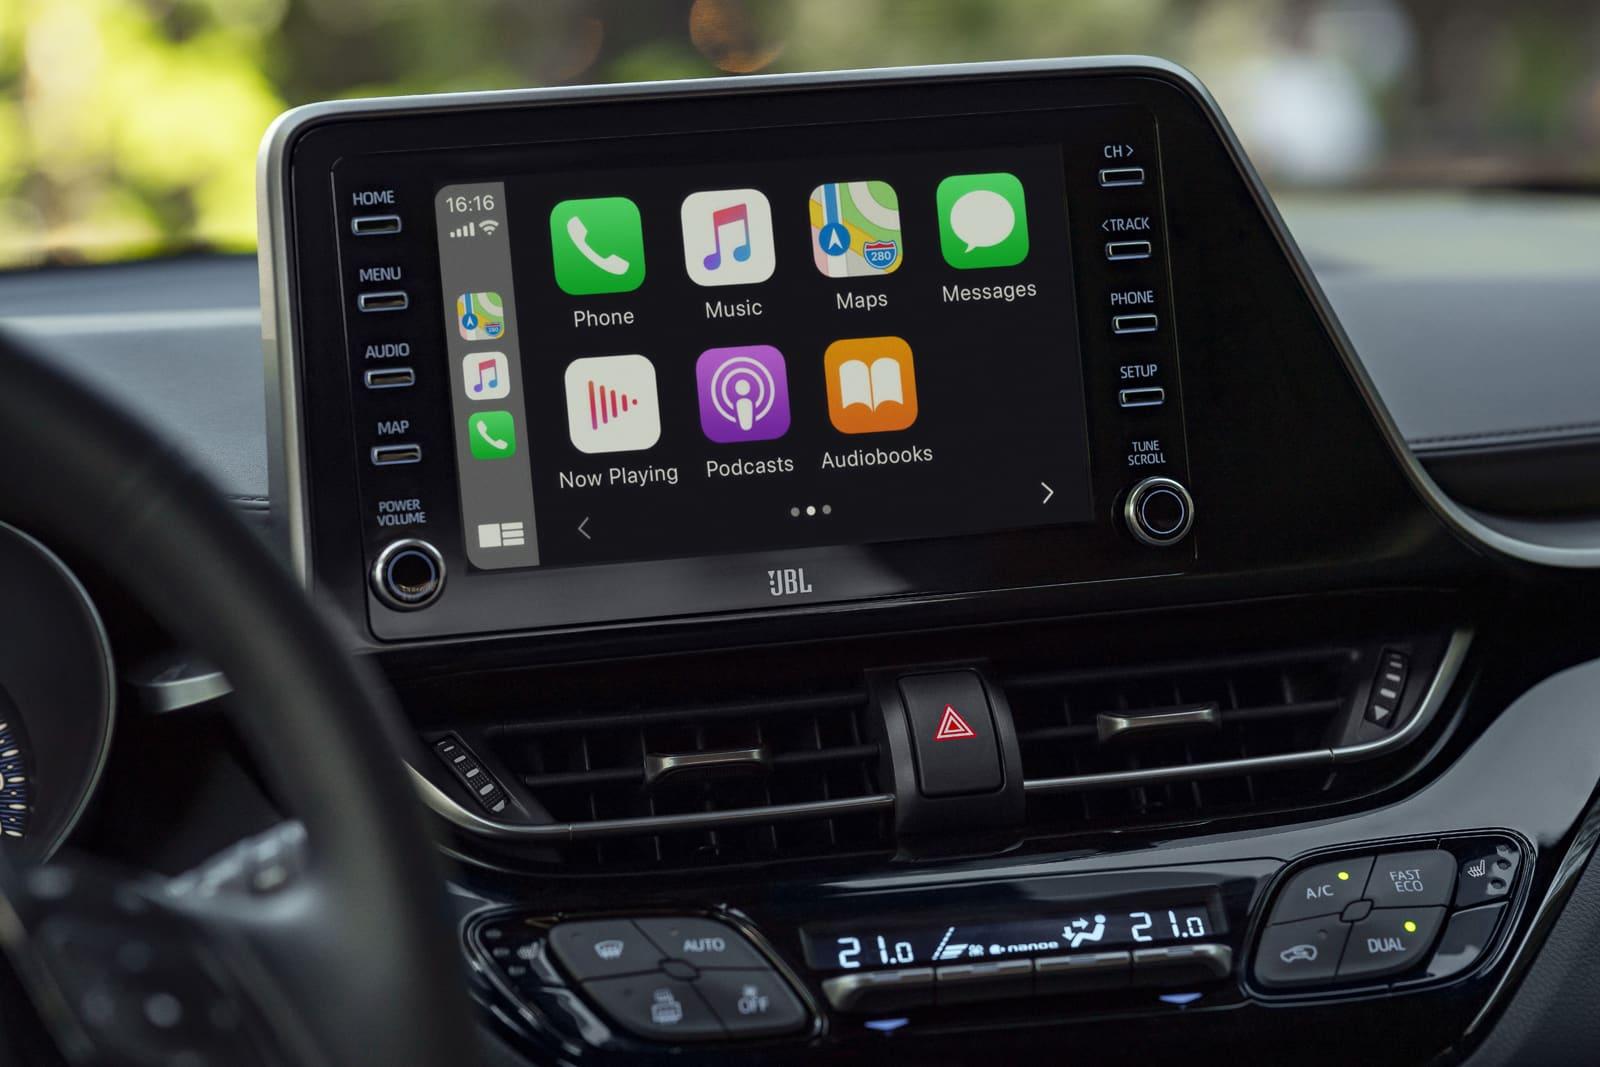 Appel CarPlay dans le nouveau Toyota C-HR hybride 184 ch